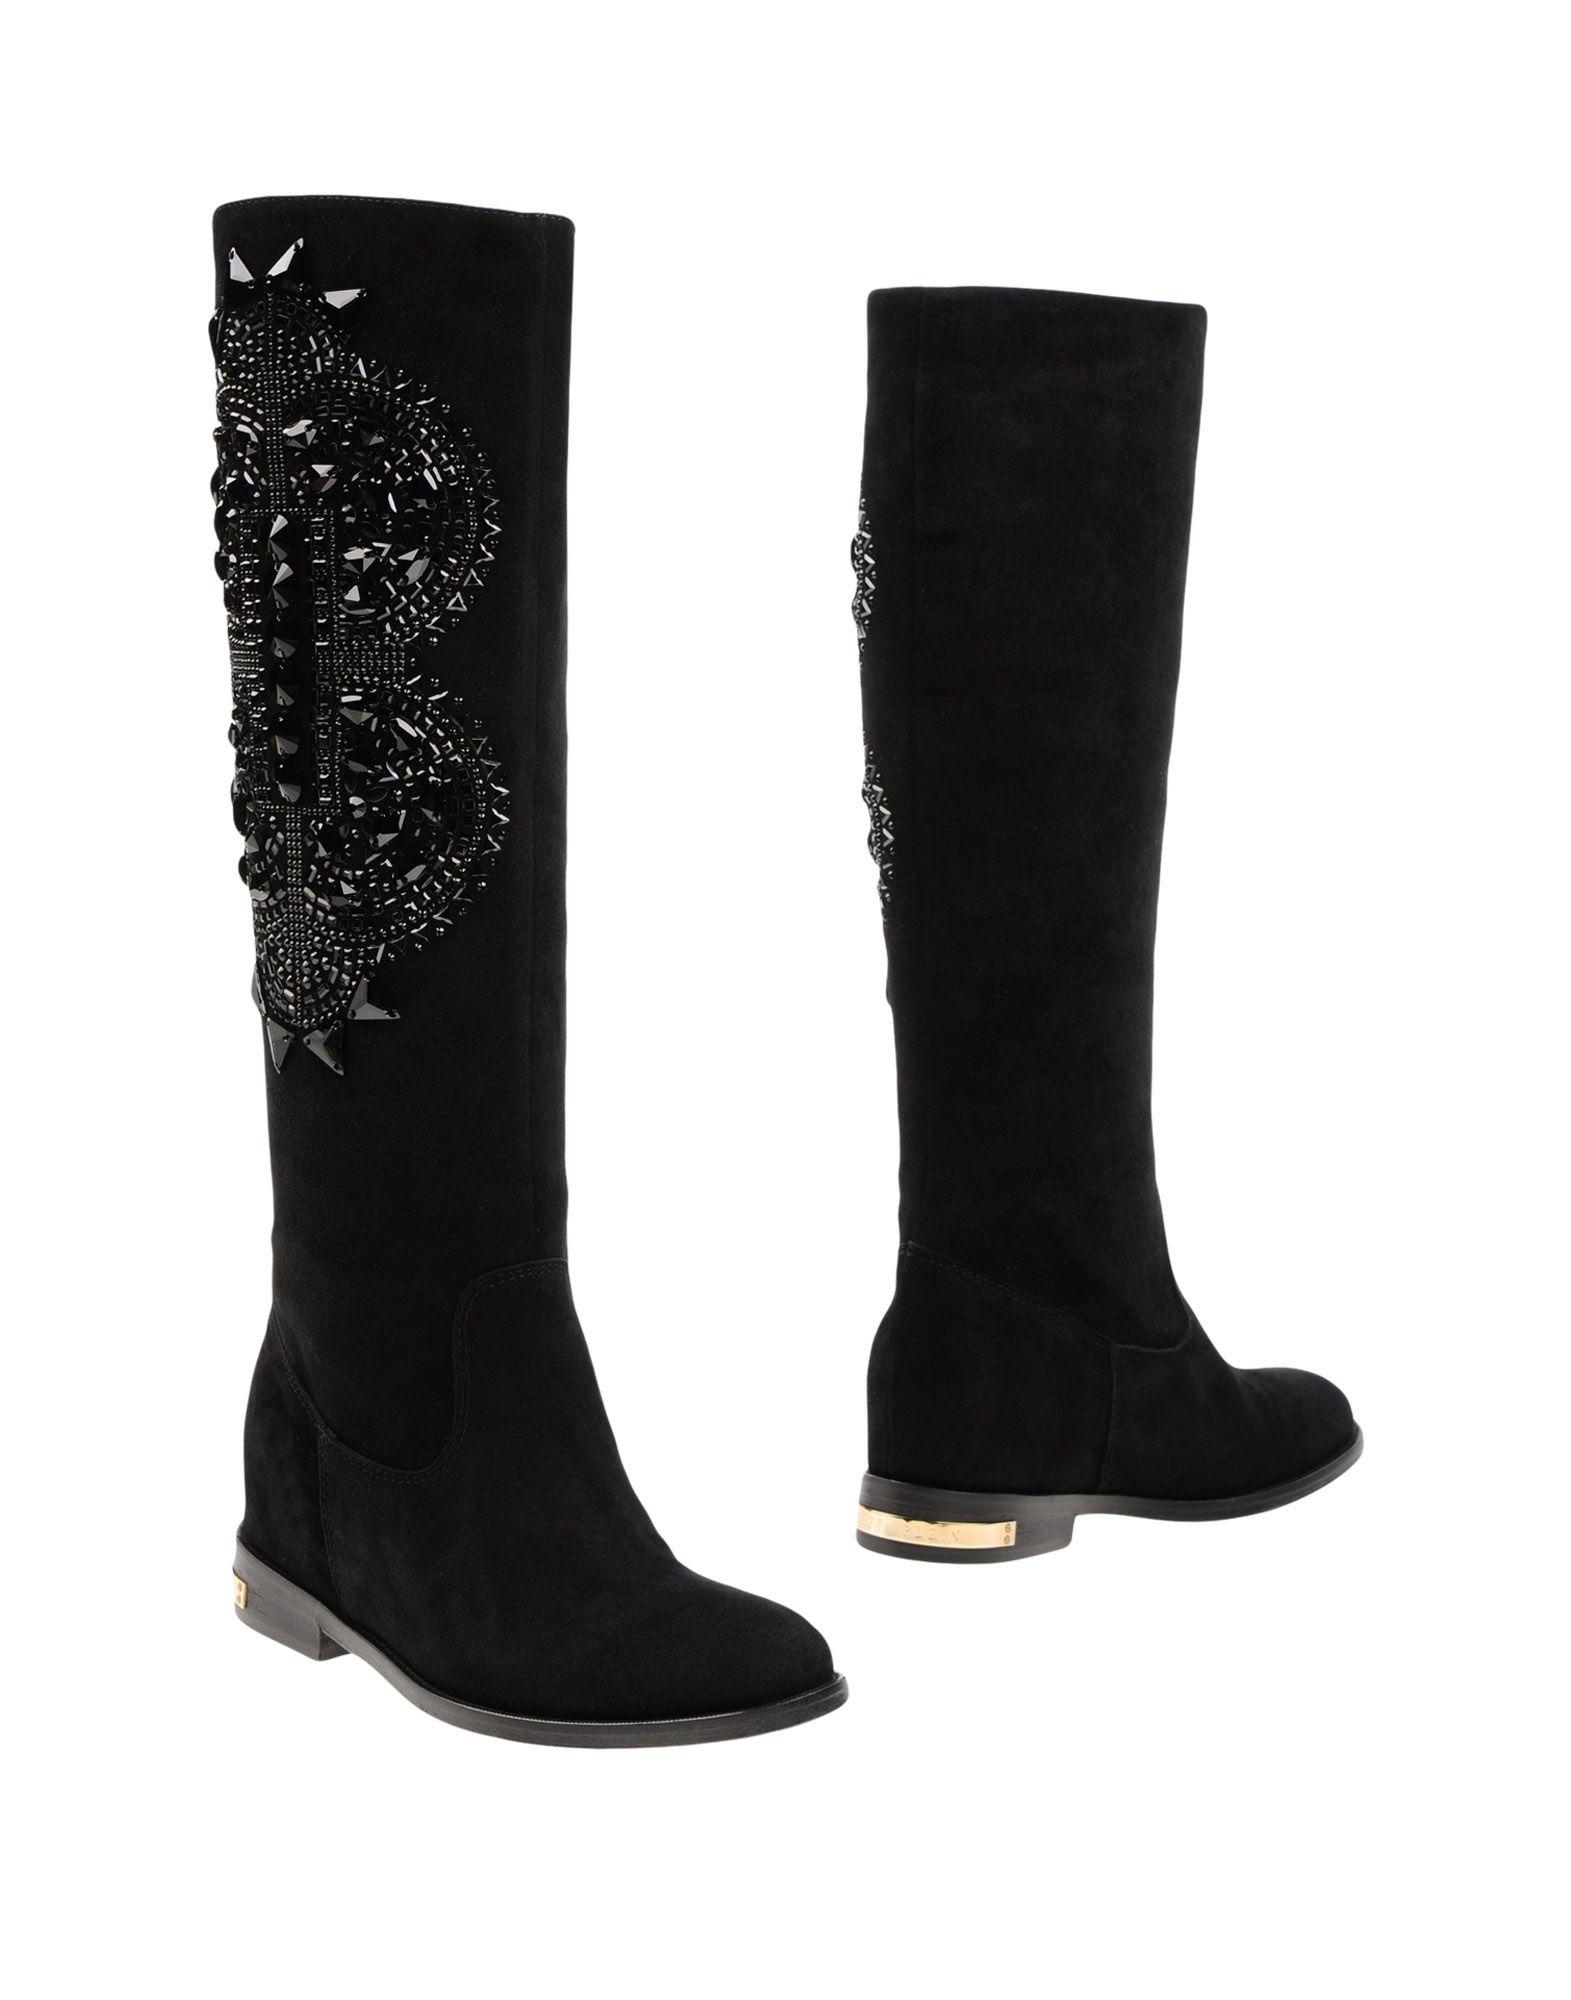 Philipp Damen Plein Stiefel Damen Philipp  11408997AT Neue Schuhe 23b2f8